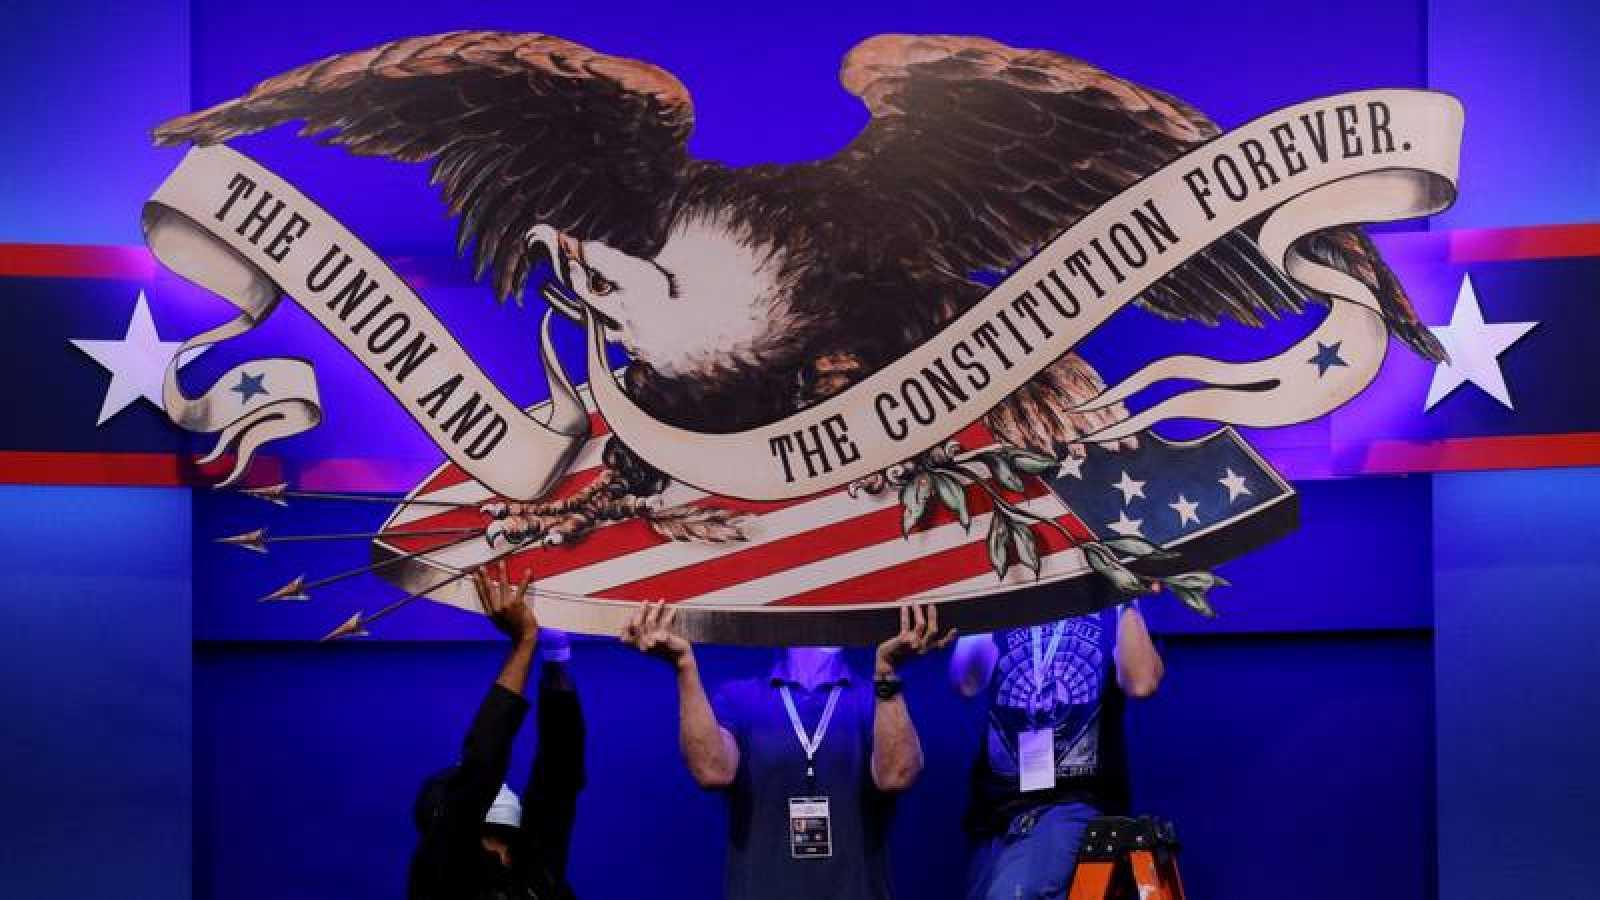 Elecciones EE.UU. 2020: Preparativos del primer debate presidencial entre Donald Trump y Joe Bide, en Cleveland, Ohio